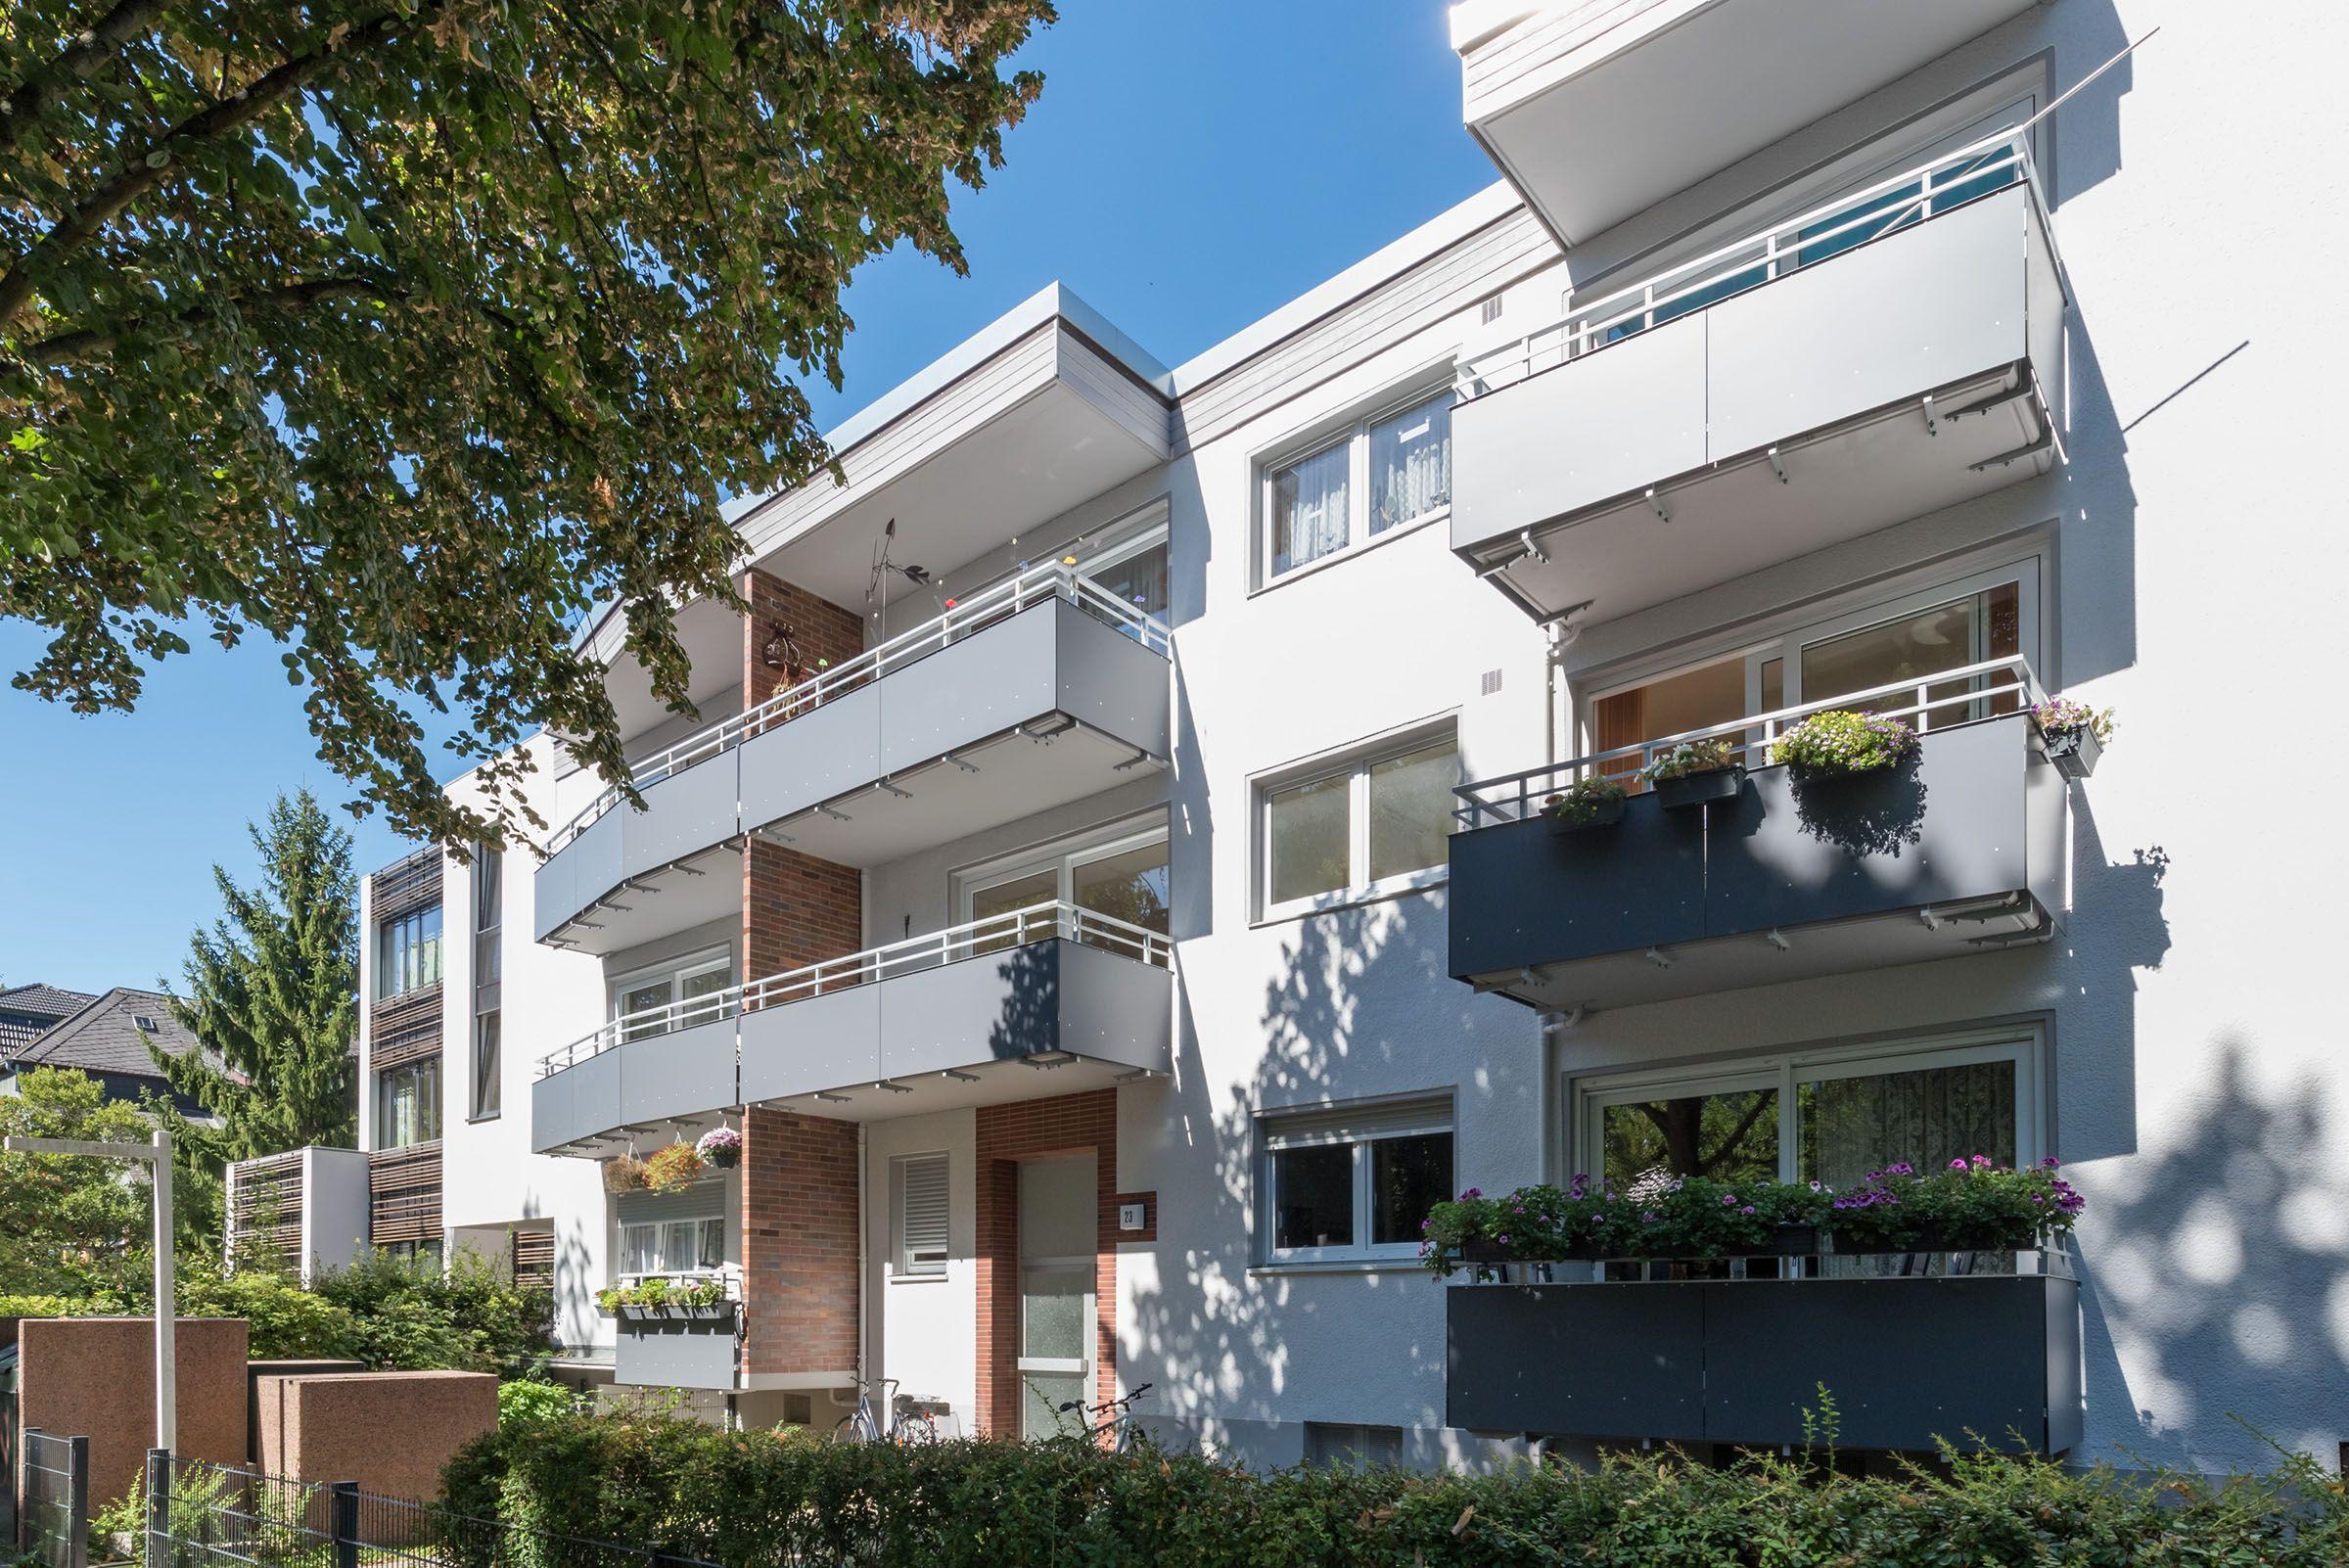 Eigentumswohnung kaufen Weddigenweg 23, 12205 Steglitz